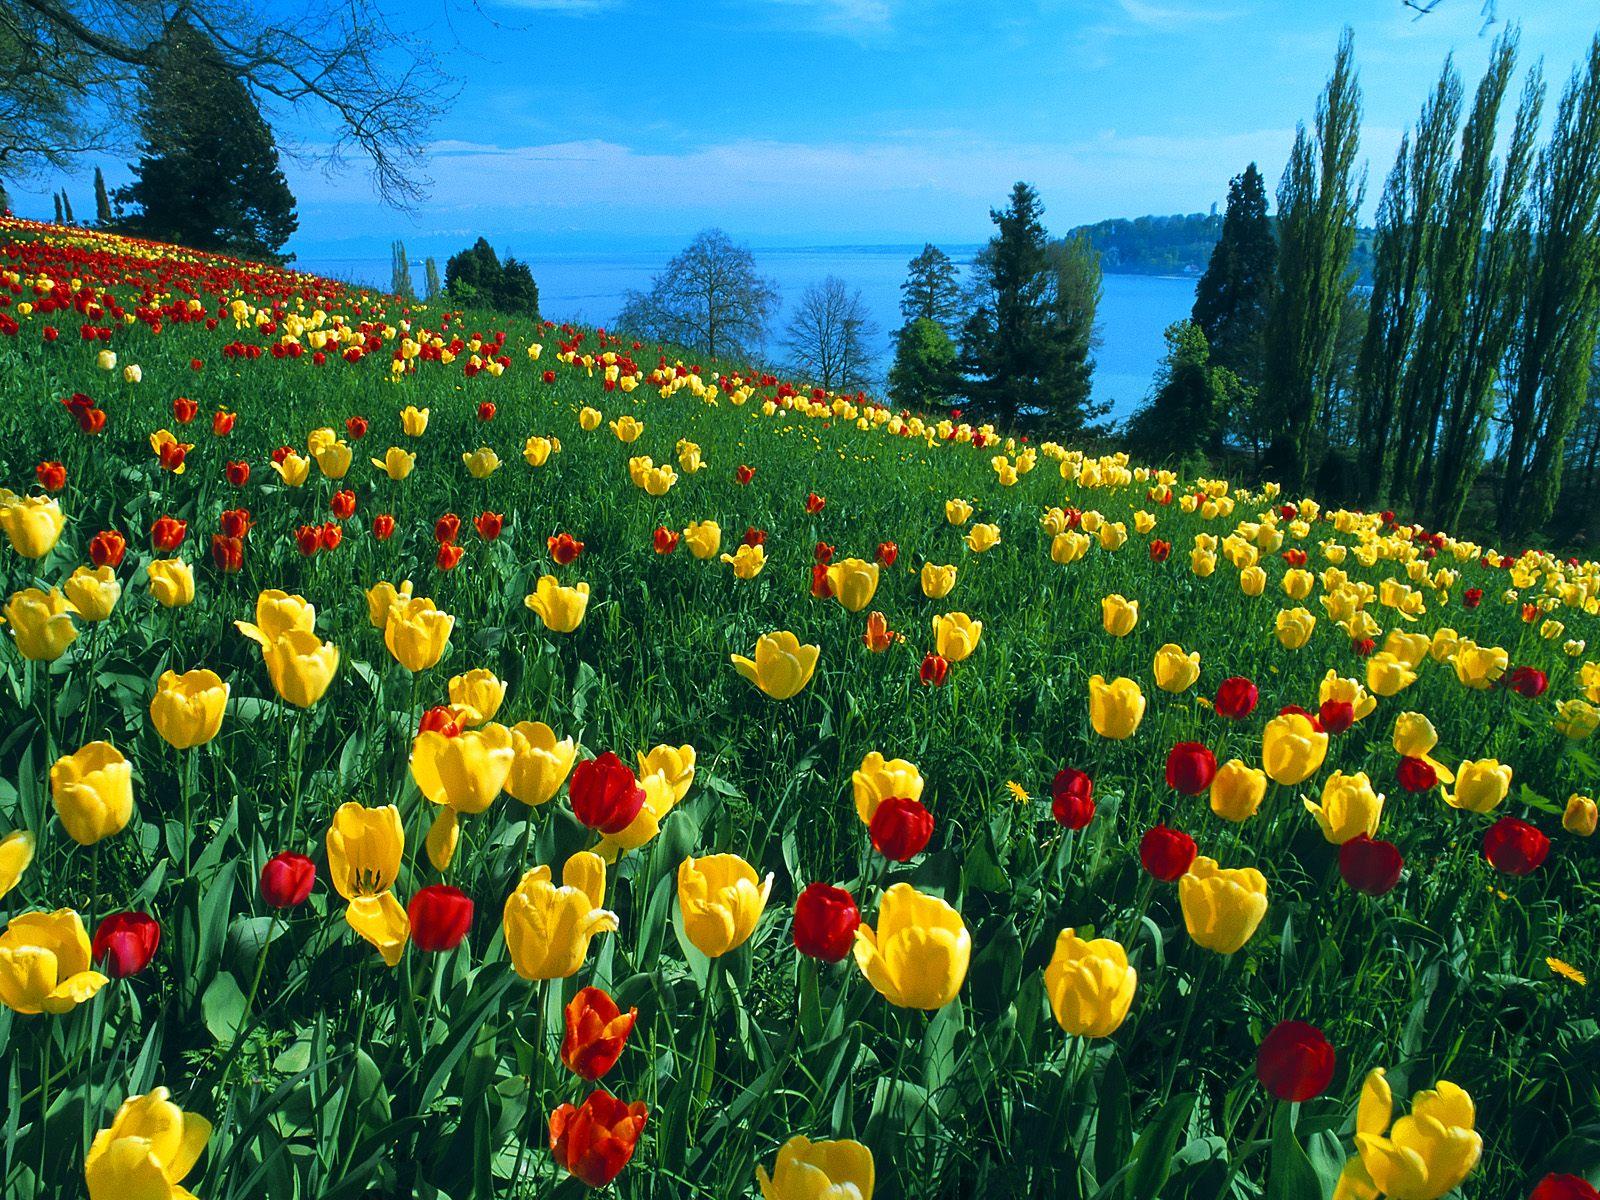 Germany HD Wallpaper Field of Tulips Germany Wallpapers for Desktop 1600x1200